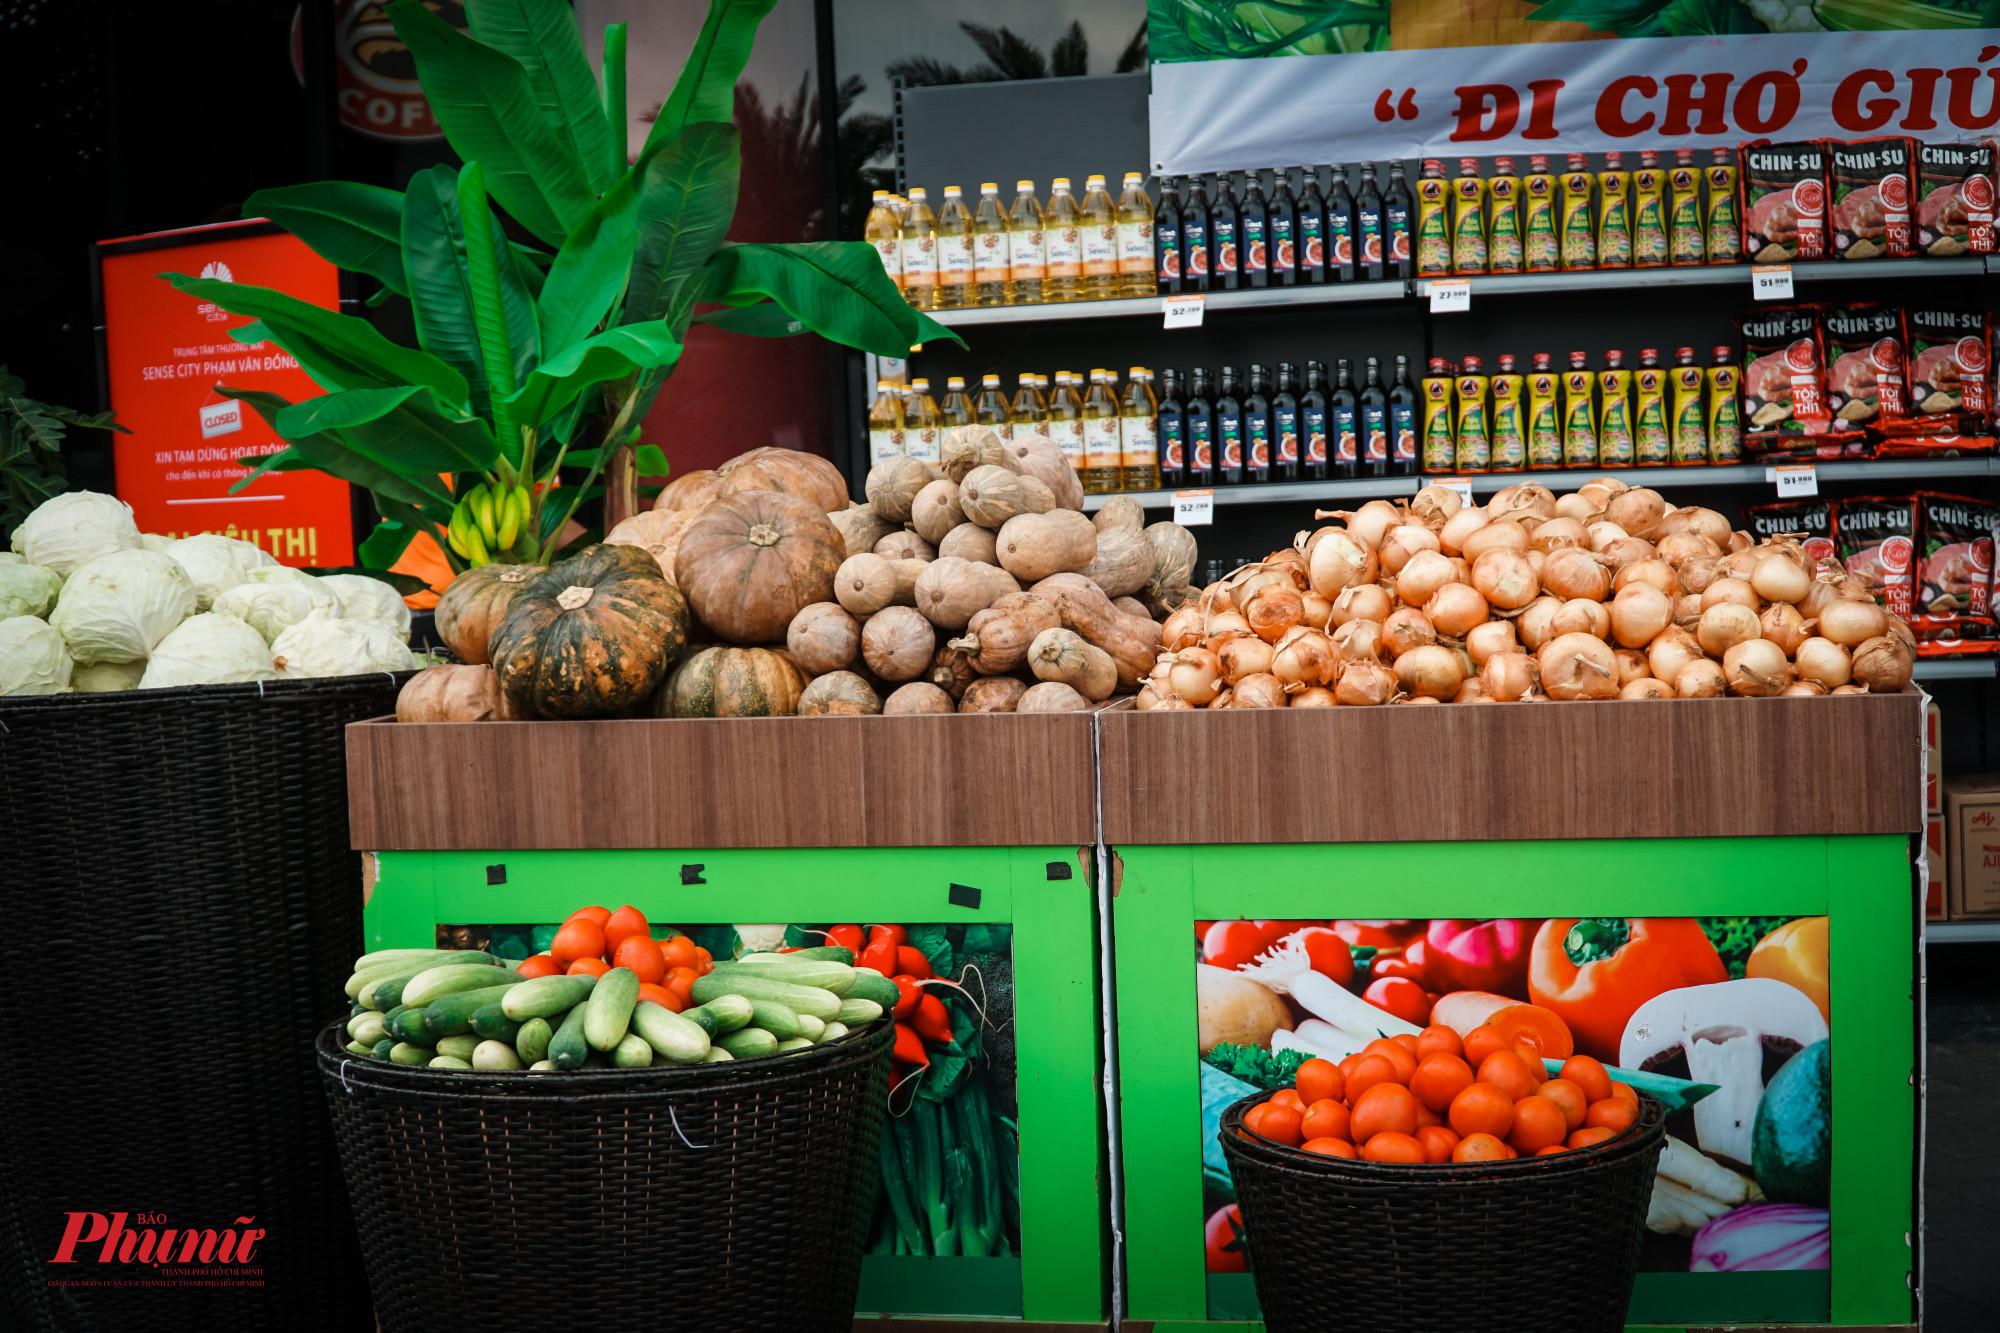 Gian hàng gồm các loại thực phẩm, rau củ thiết yếu hằng ngày